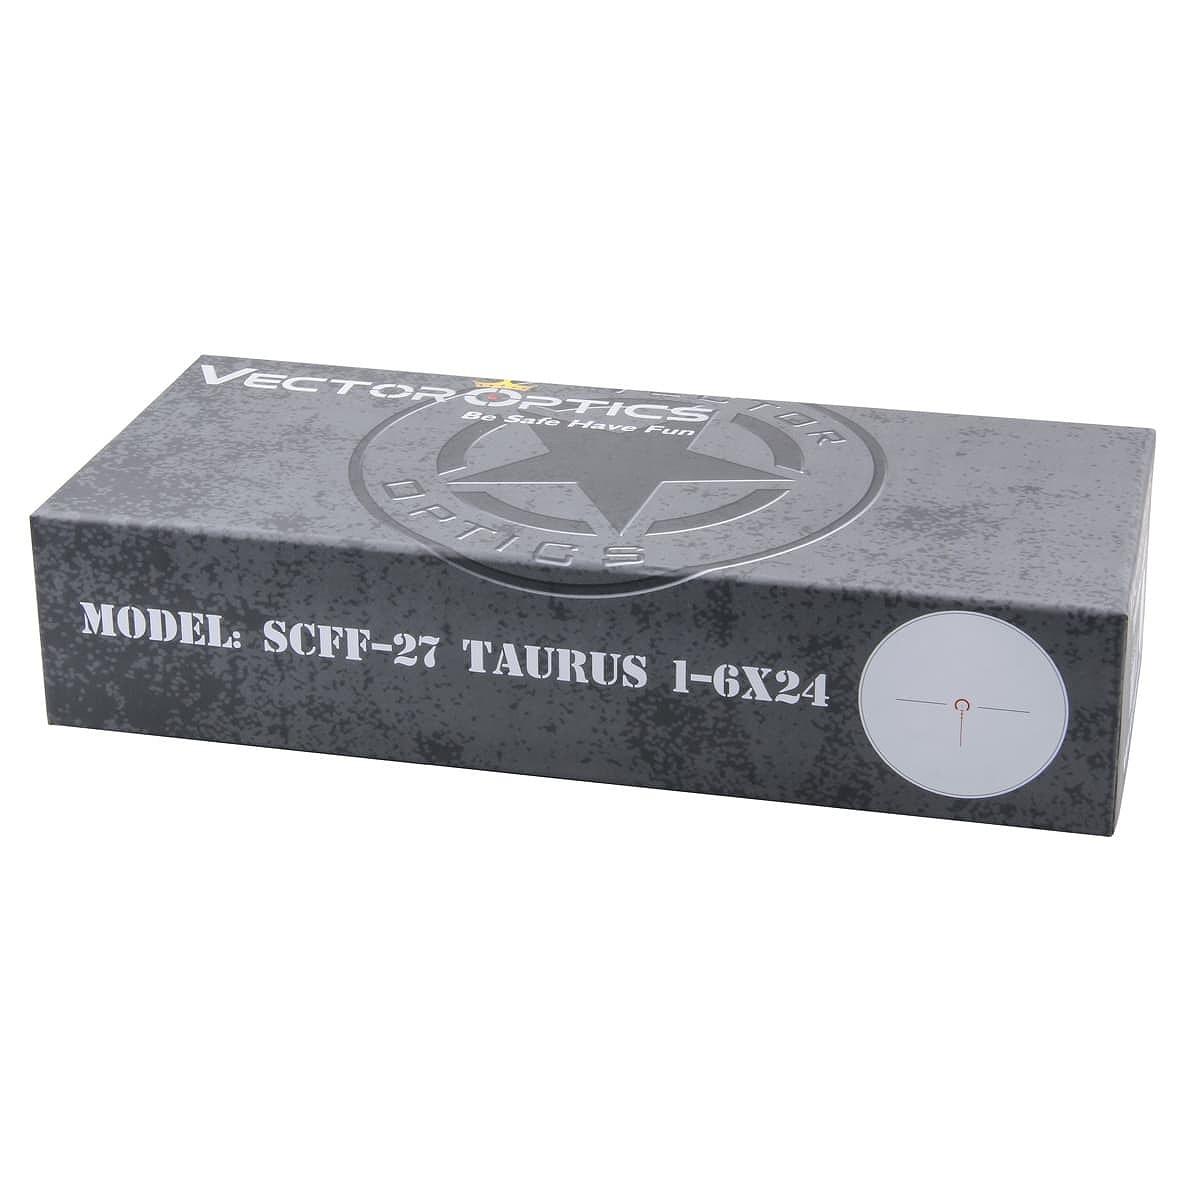 【お届け予定日: 2月28日】ベクターオプティクス ライフルスコープ Taurus 1-6x24  Vector Optics SCFF-27